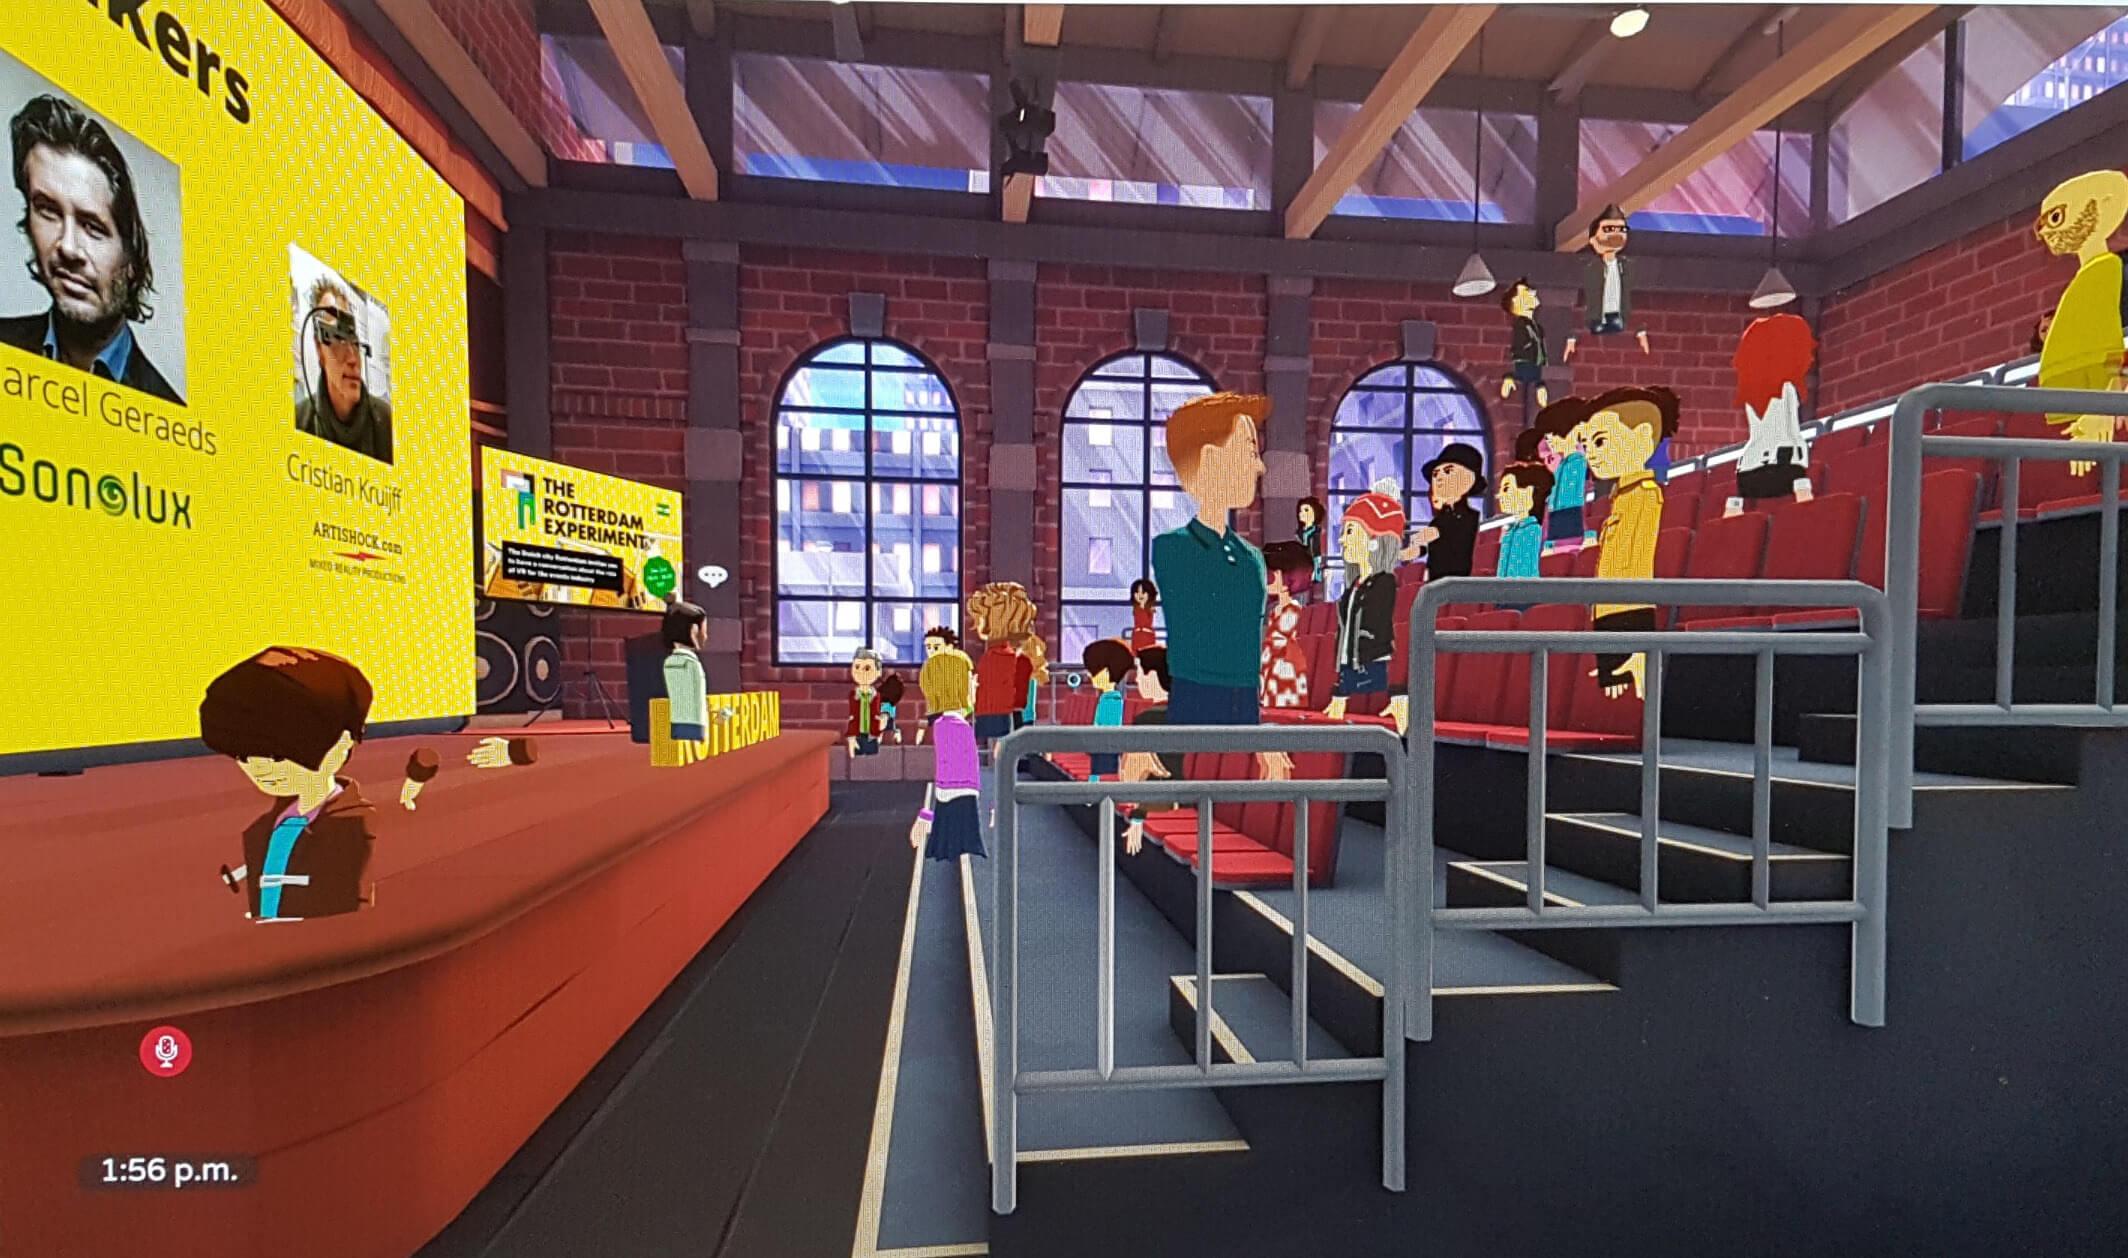 Het experiment ging om het verkennen van de mogelijkheden die mixed reality, VR en AR de evenementenindustrie bieden. Deelnemers konden elkaar ontmoeten in een VR event setting.